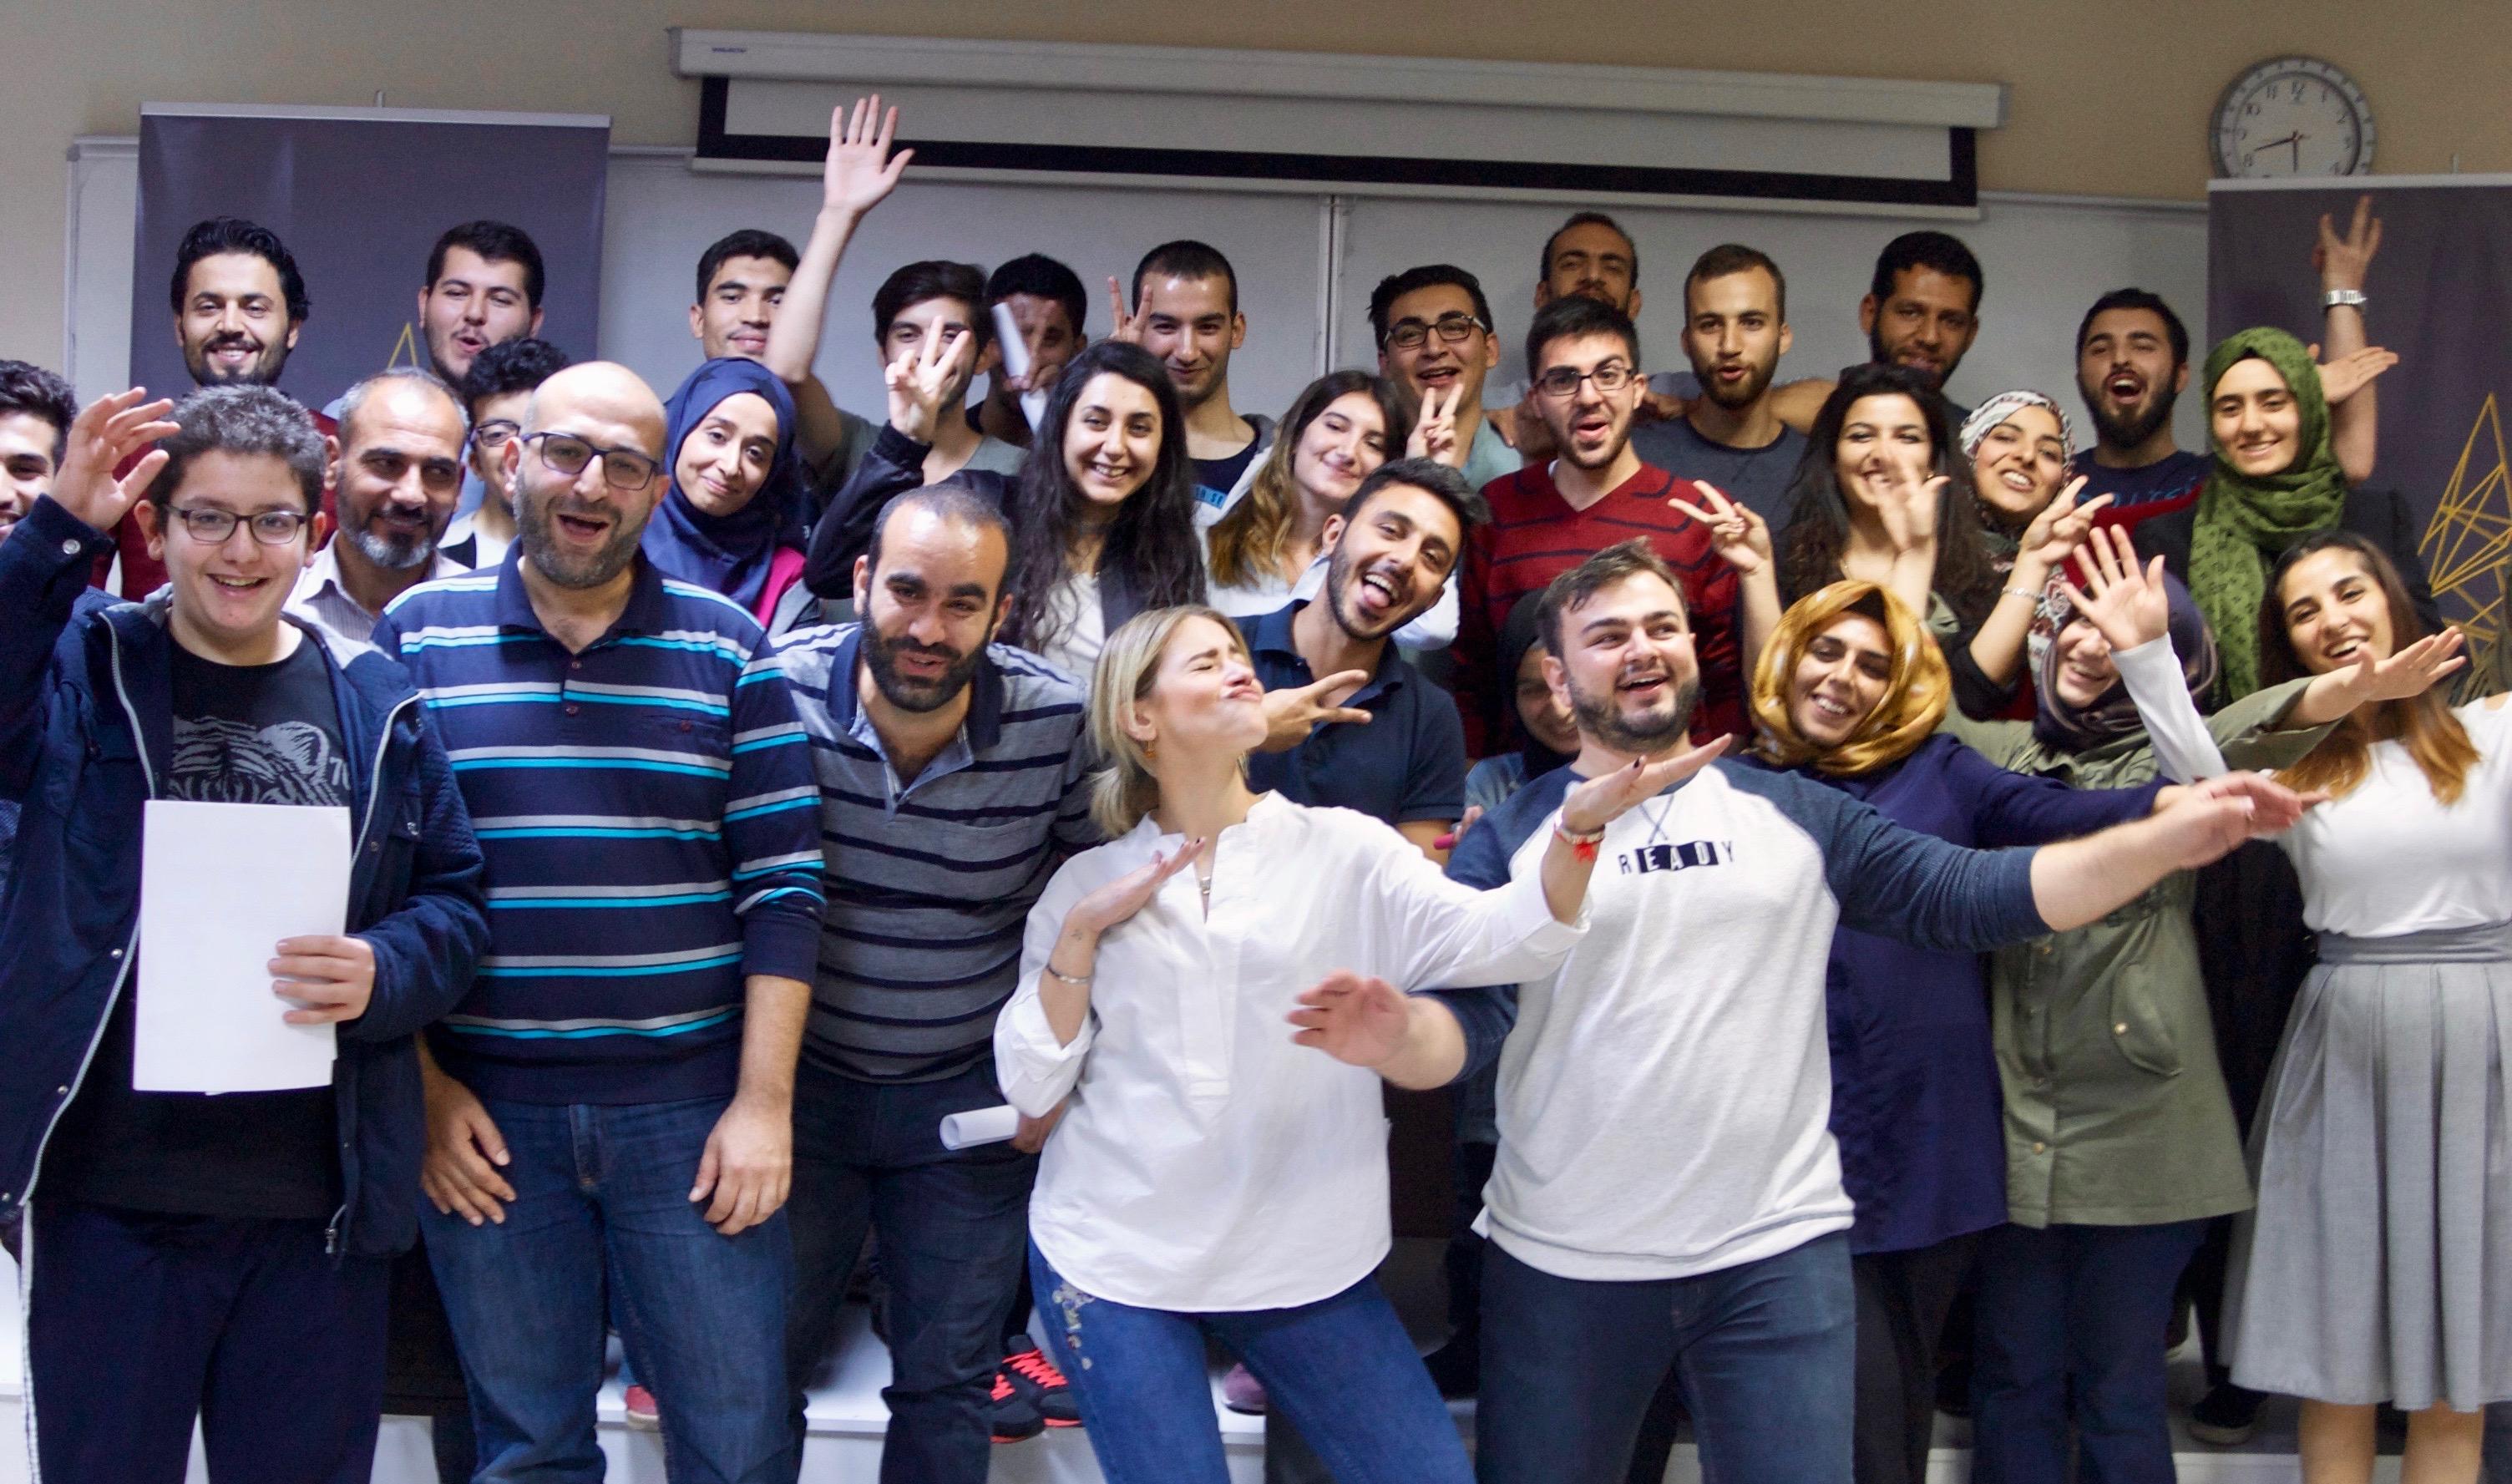 Suriyeli ve yerel halktan gençler, Android kodlama diliyle dünyanın ihtiyaçlarına pratik çözümler üretti